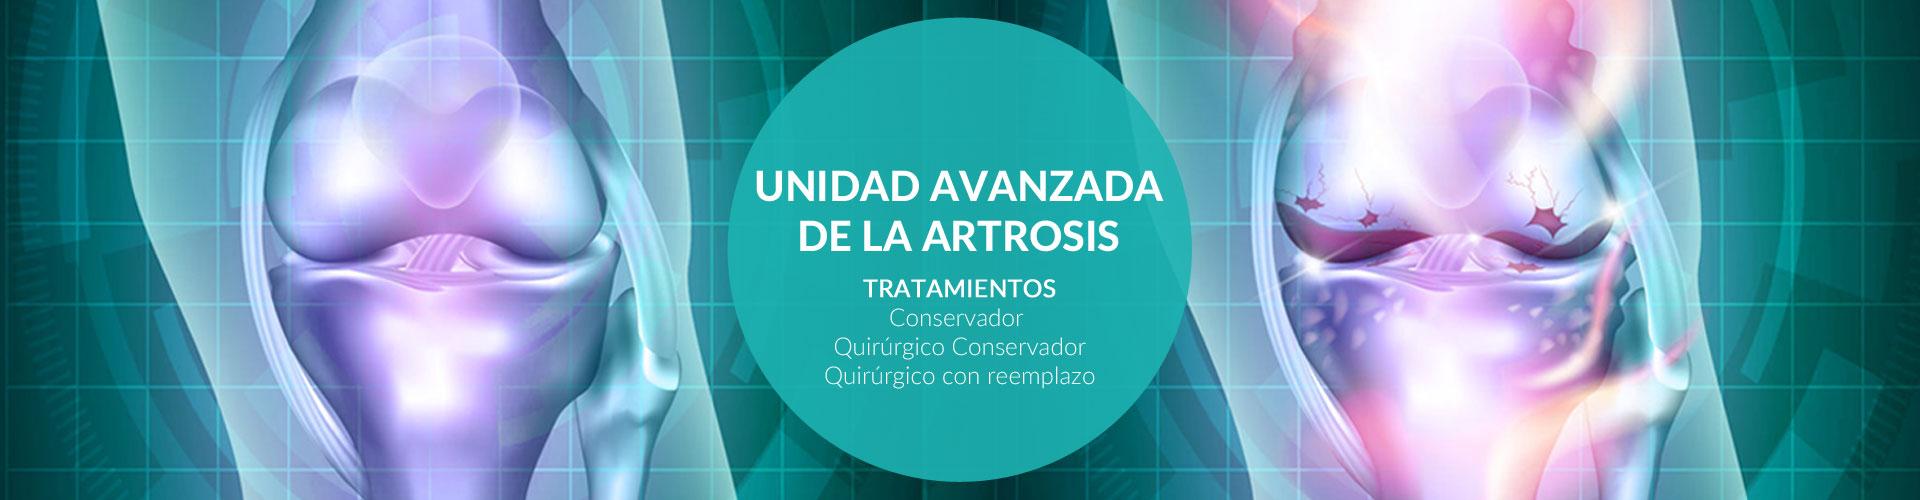 tratamientos-avanzados-de-la-artrosis